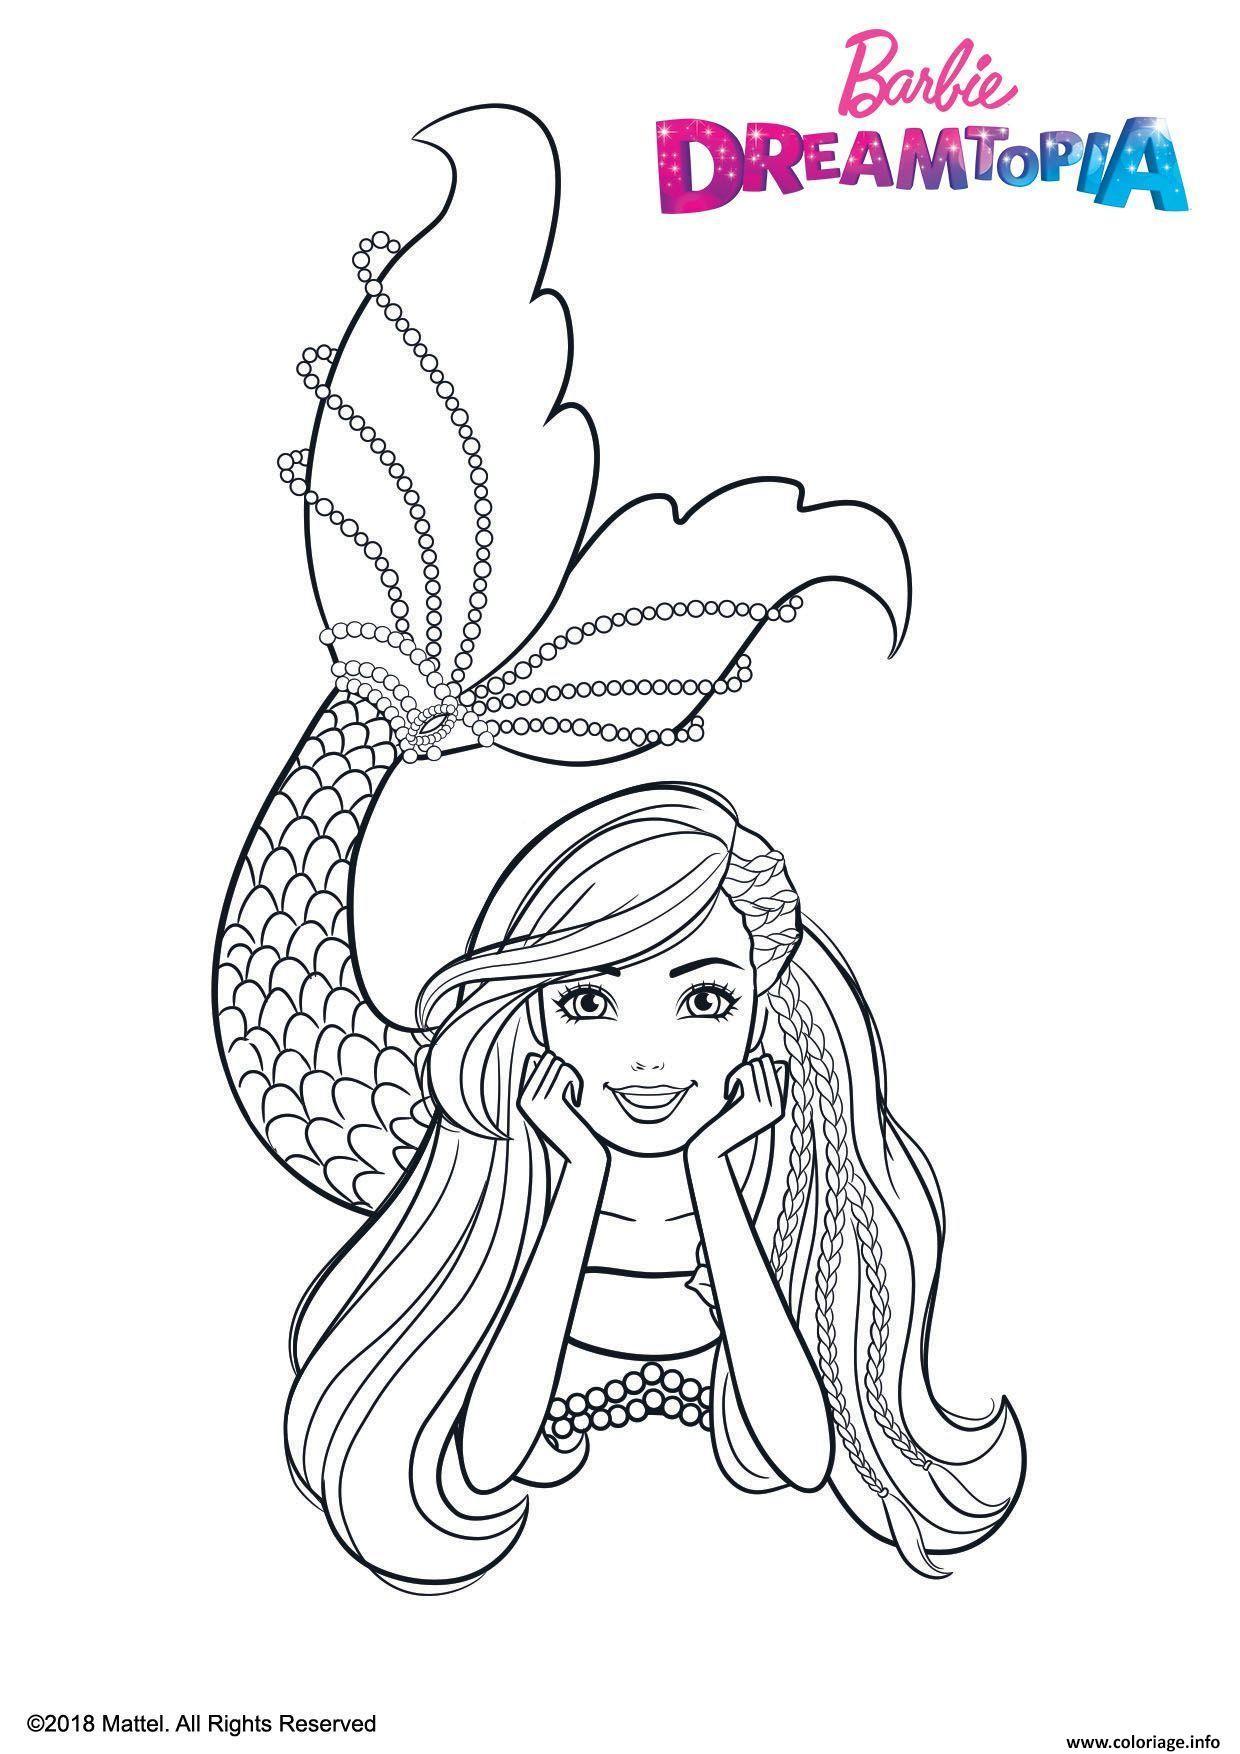 Coloriage Gulli Barbie Sirene Multicolore dessin